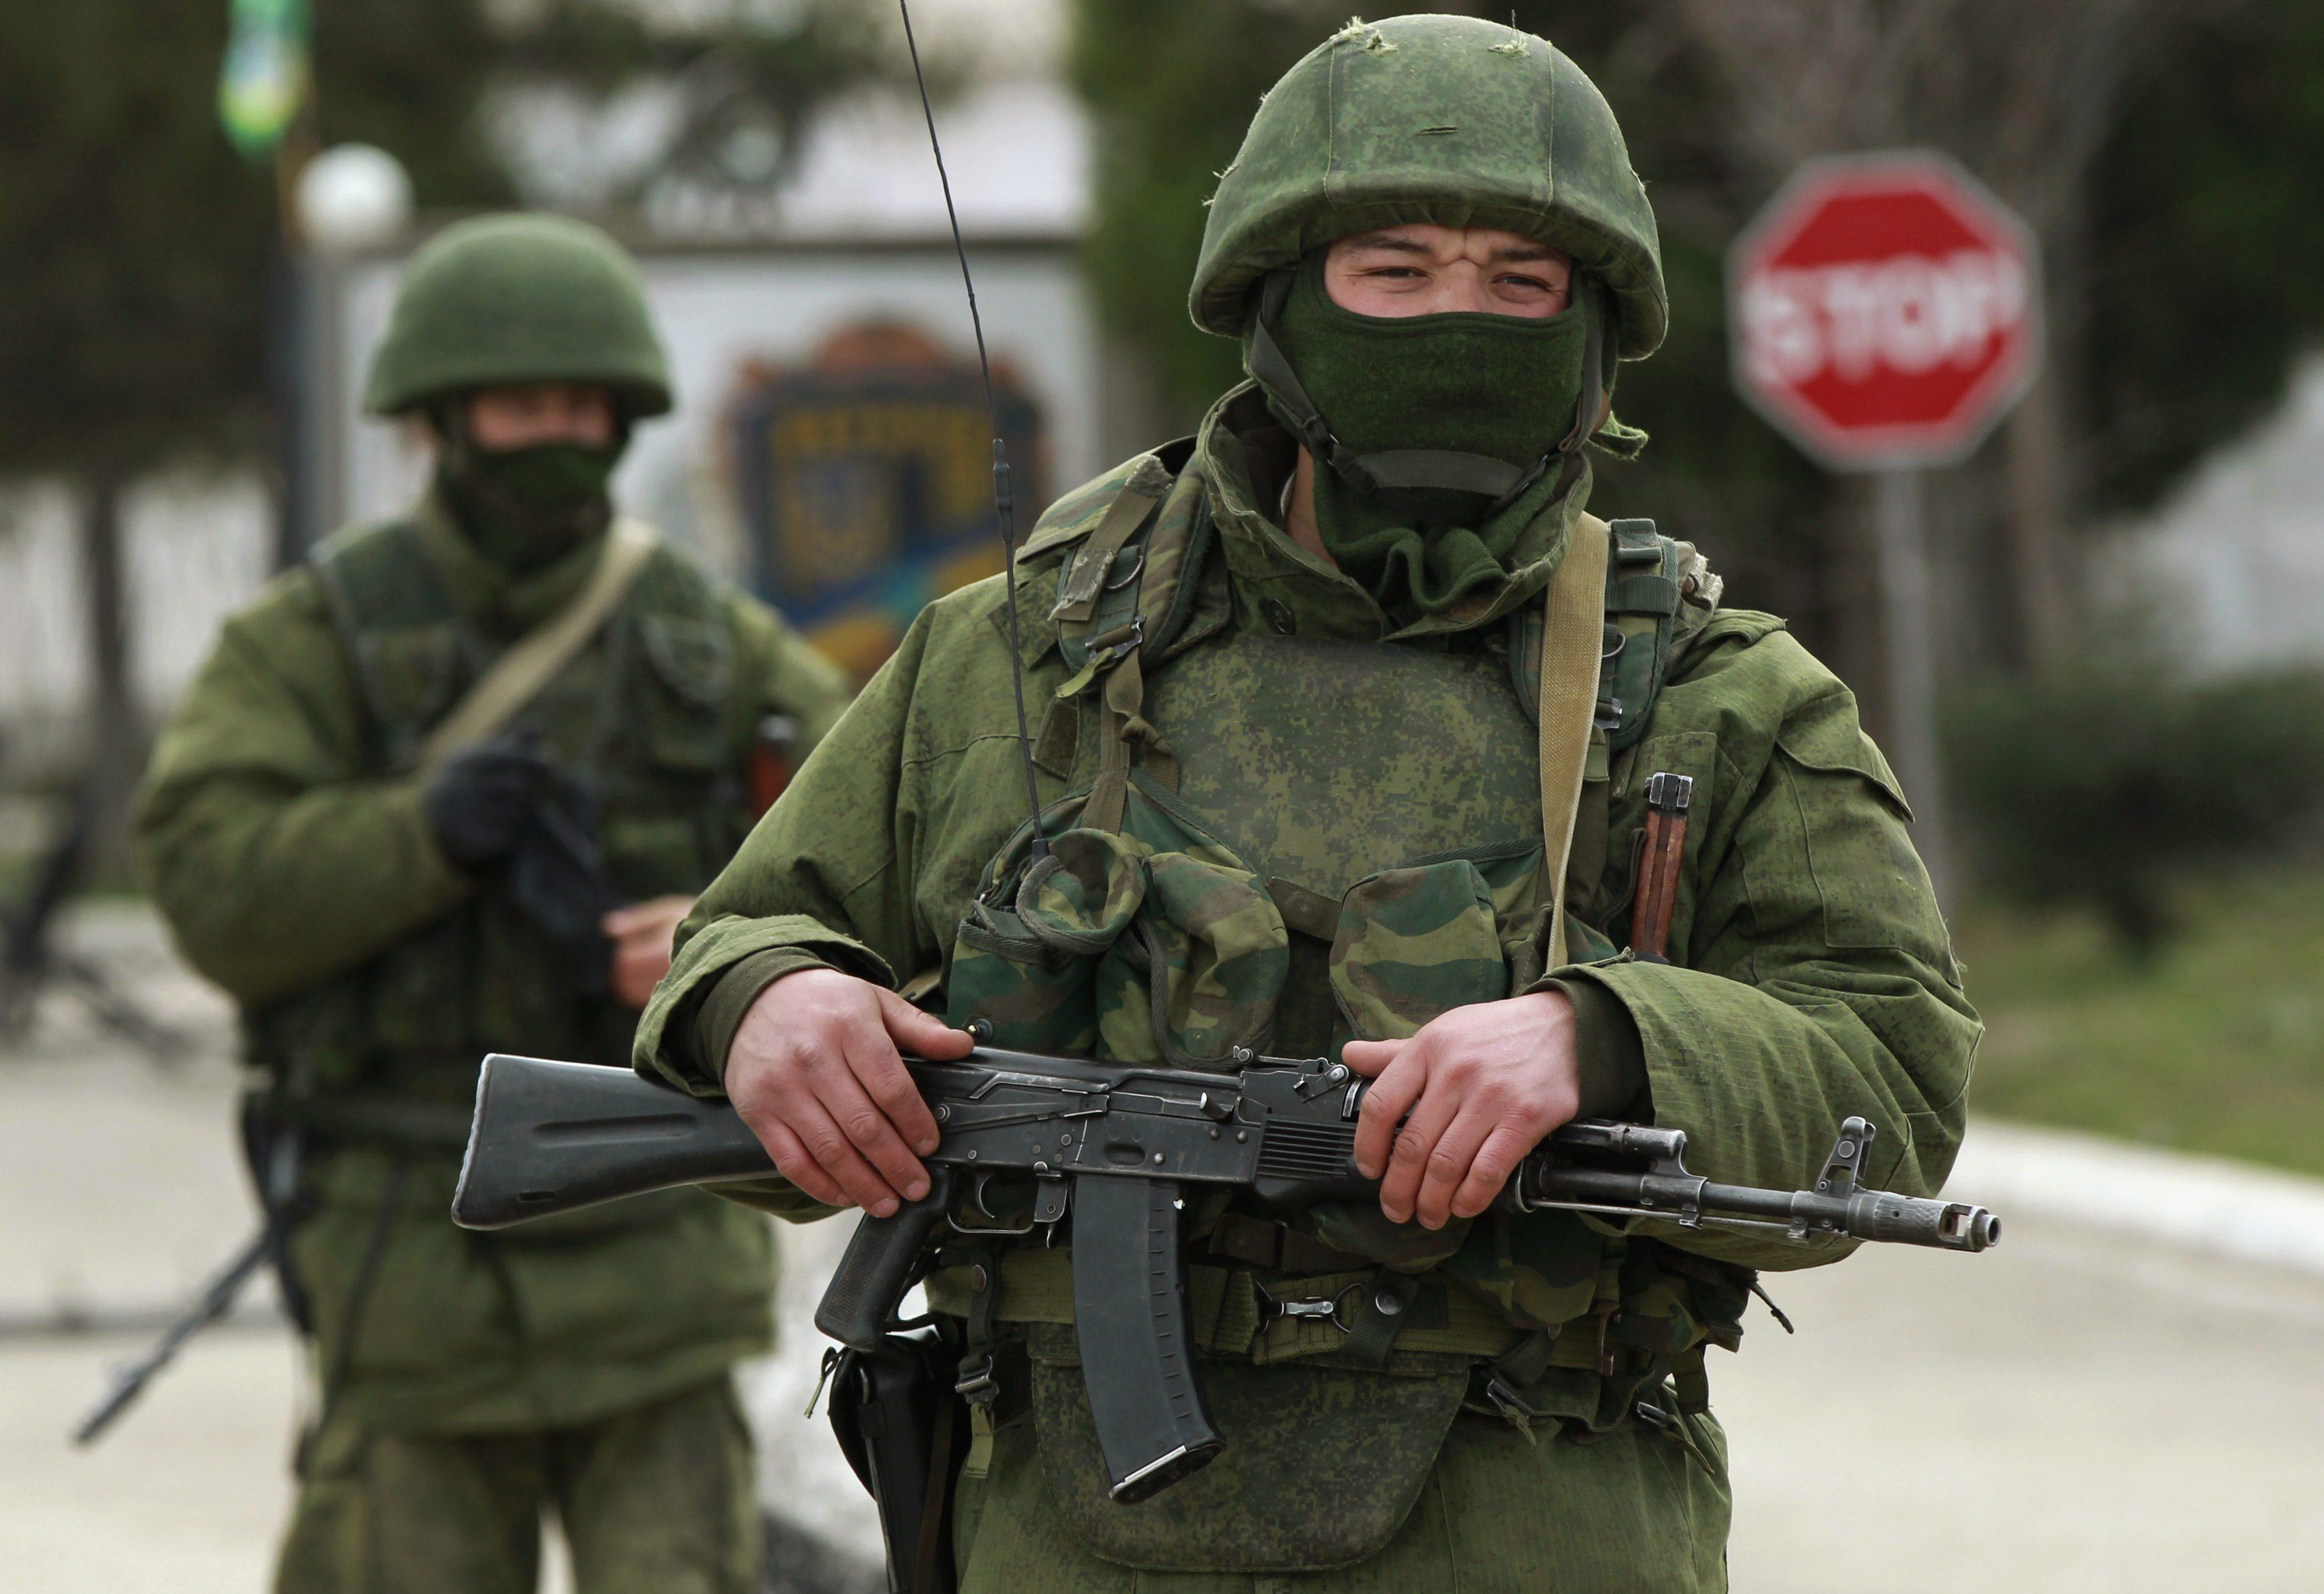 ШОК! А вы знали сколько российских солдат воюют на Донбассе? Цифры поражают